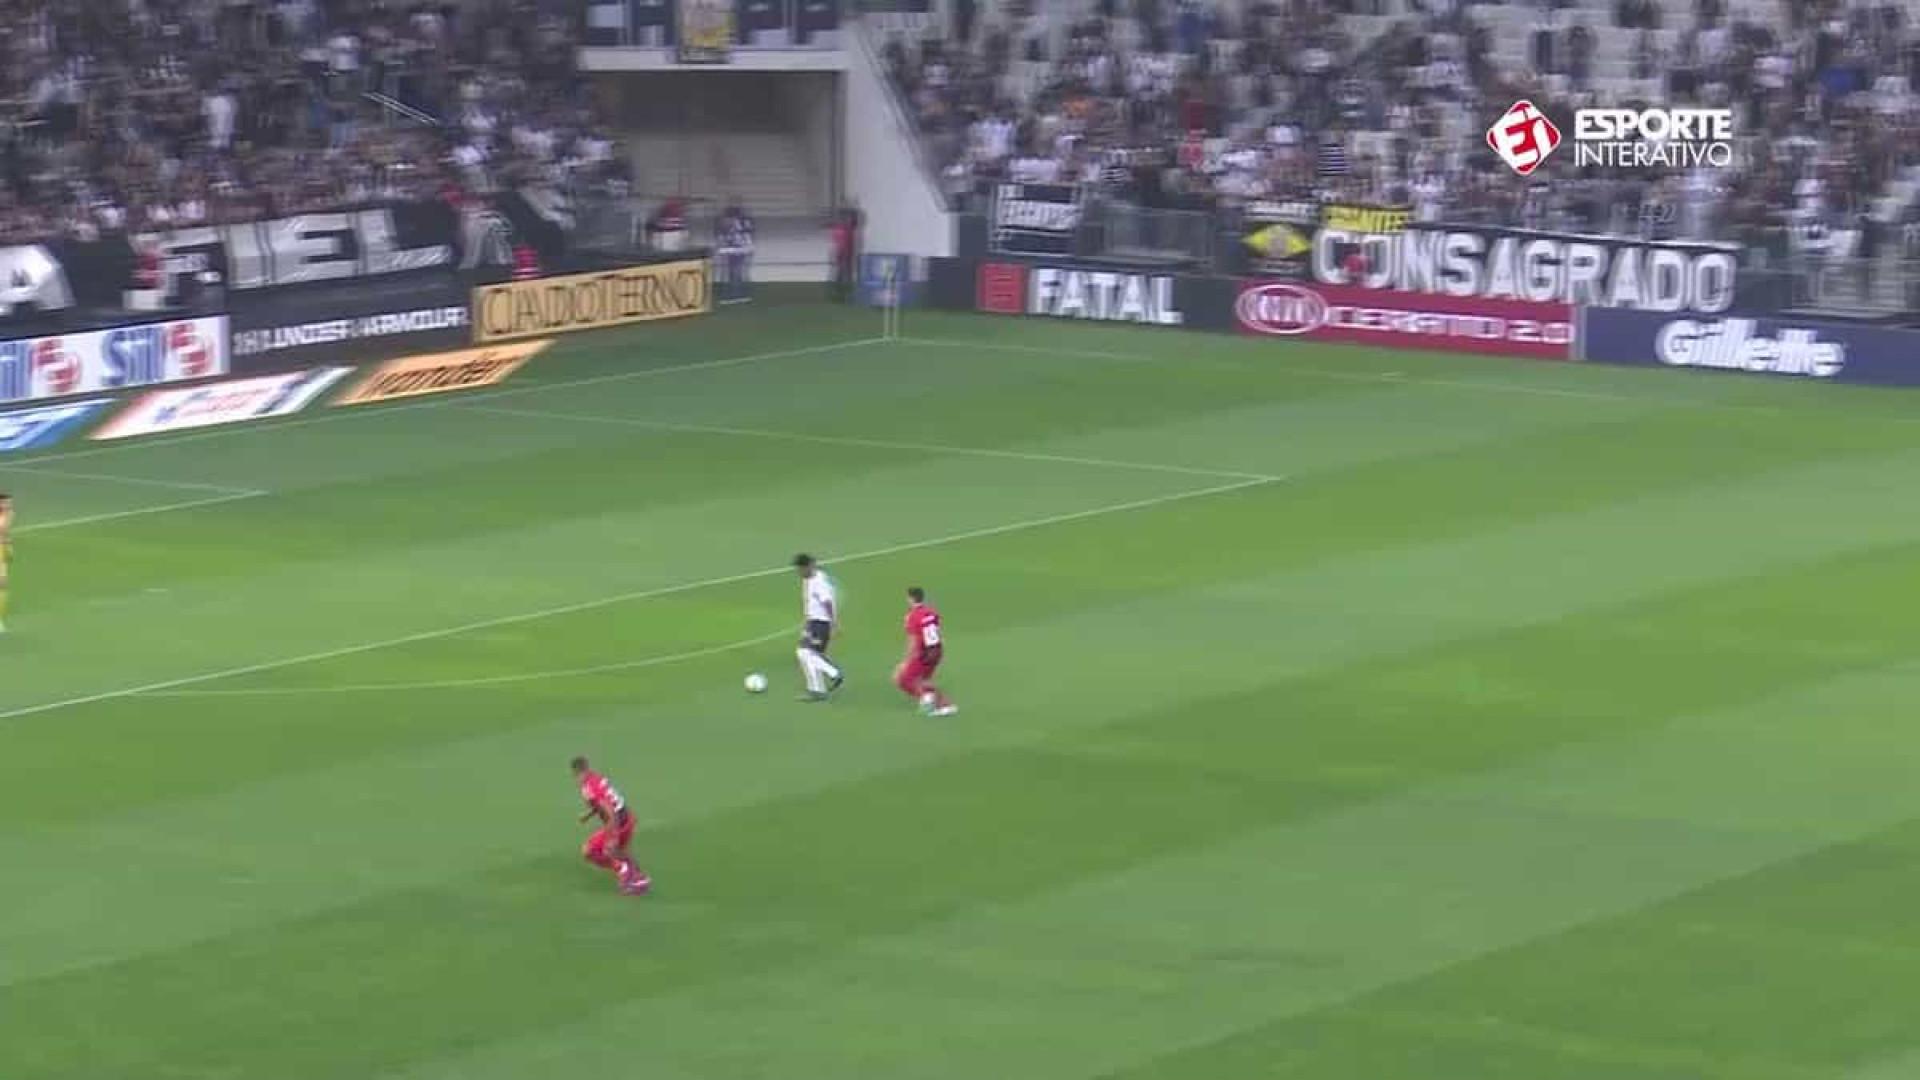 Jogada entre Corinthians e Athletico é candidata a 'falhanço do ano'